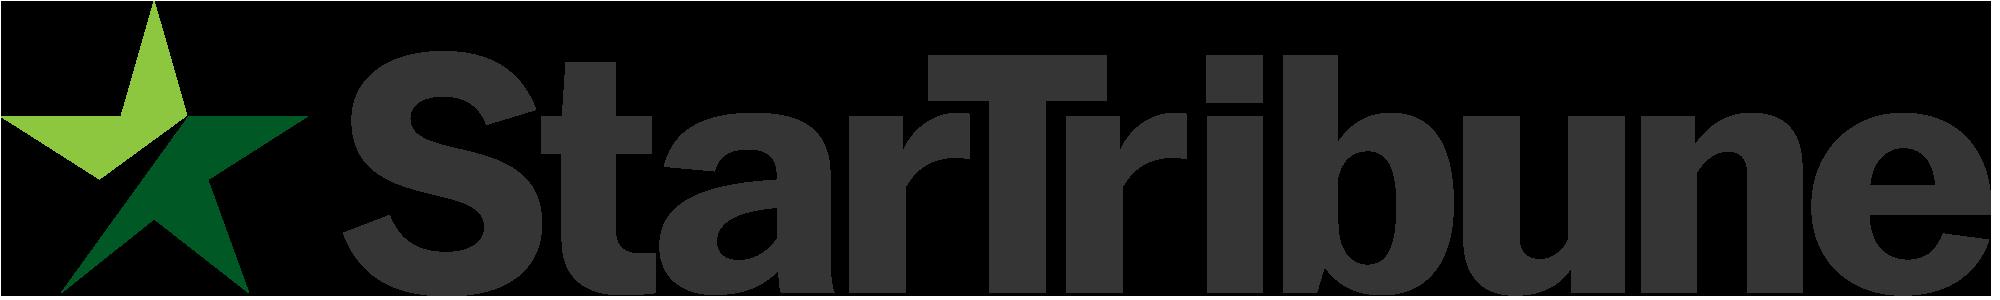 CaringBridge-Star Tribune